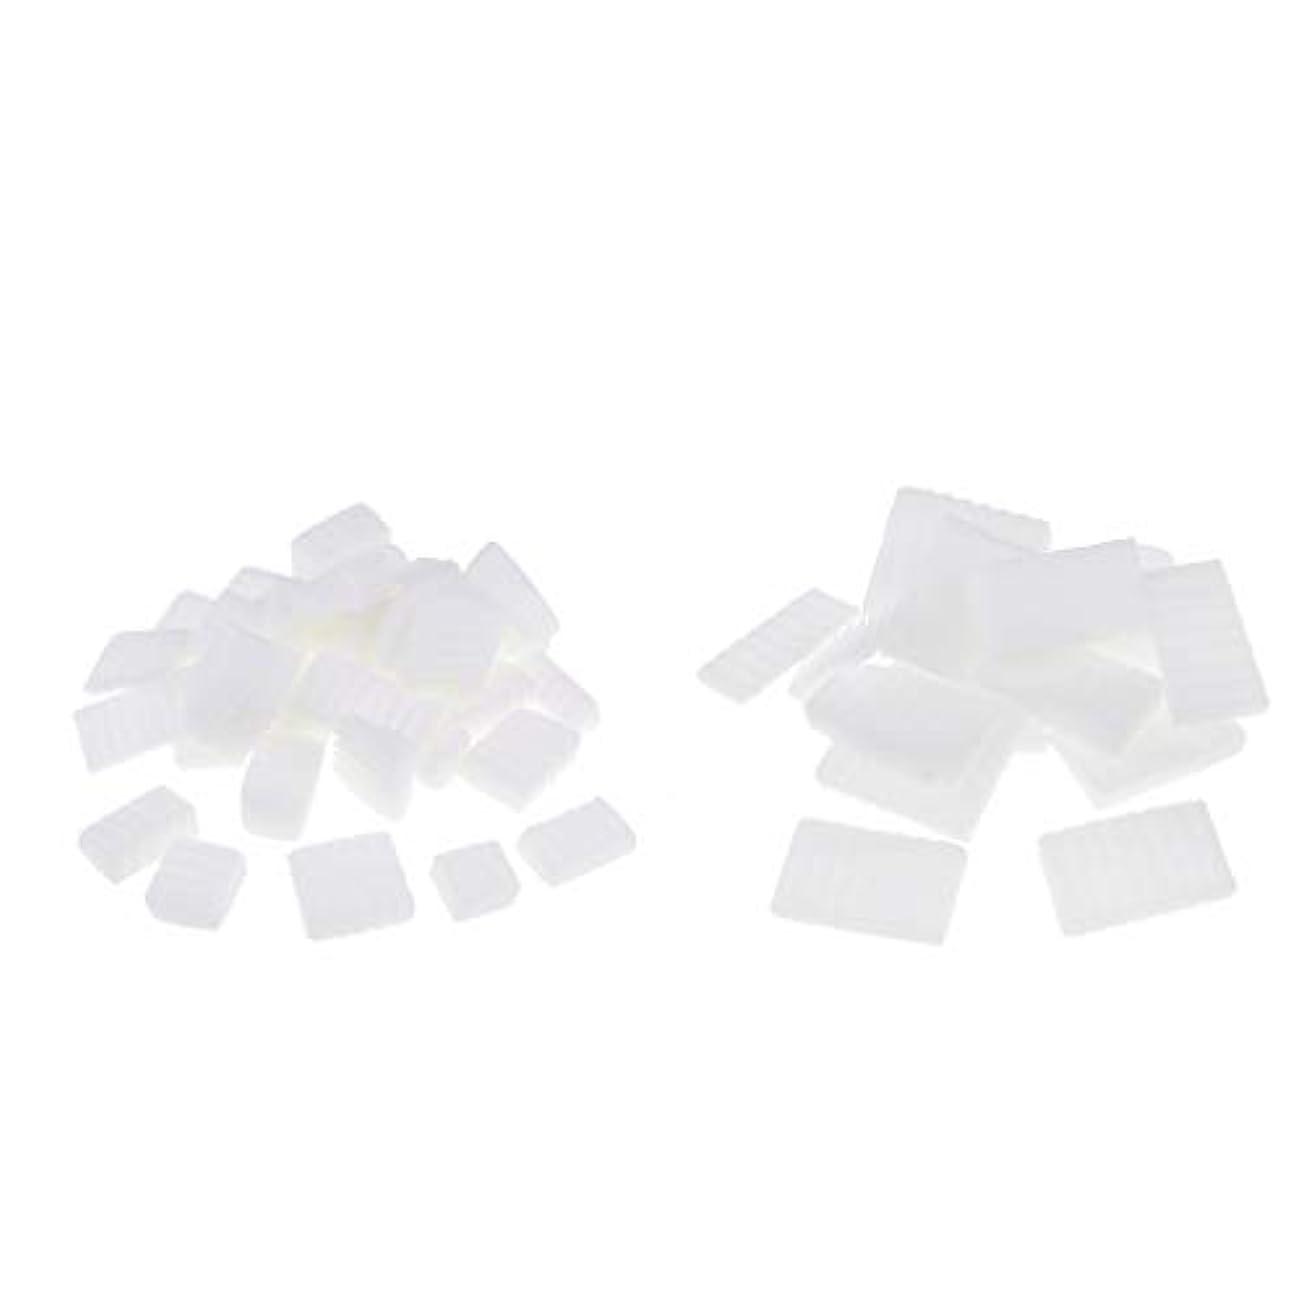 硬い整然とした敏感なFLAMEER 石けん素地 石鹸原料 石鹸キット材料 自由研究 小学生 夏休み 工作 白い 1500g入り